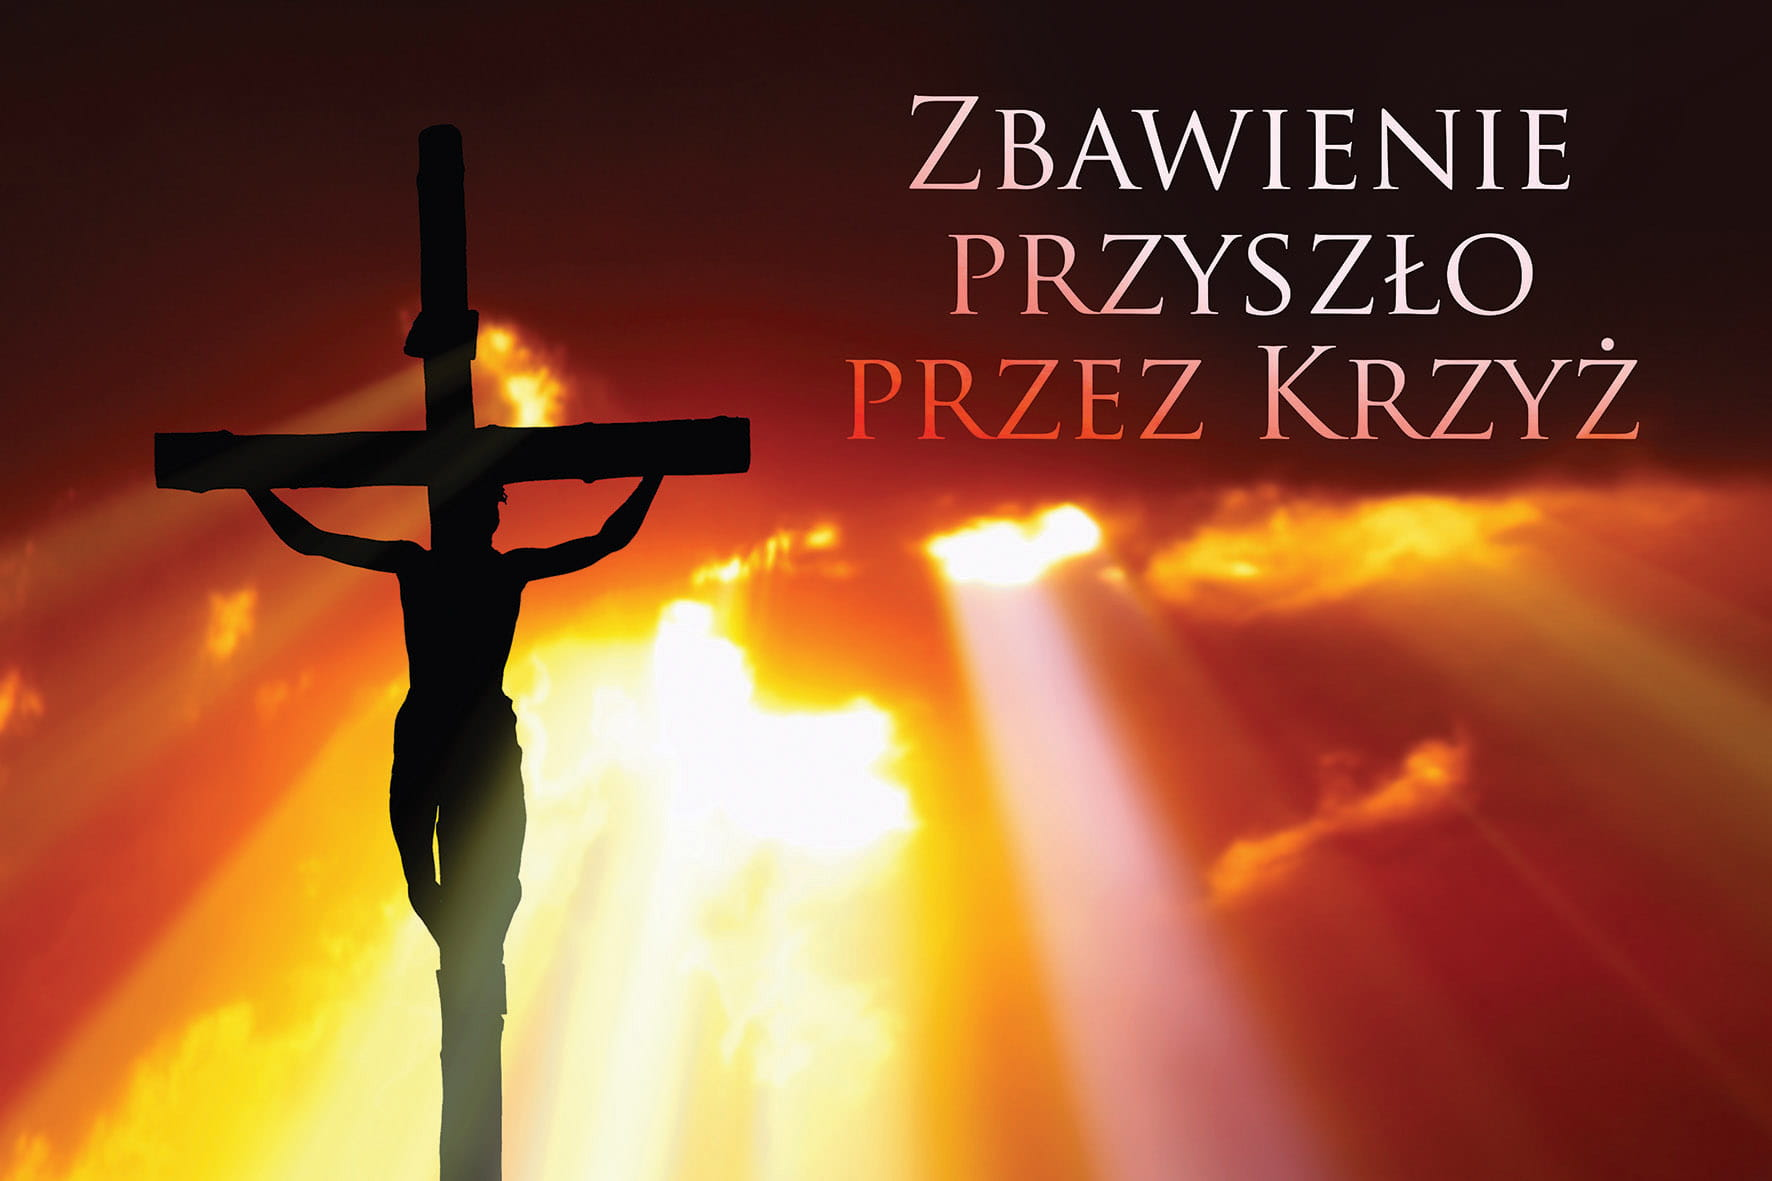 koscielne.pl